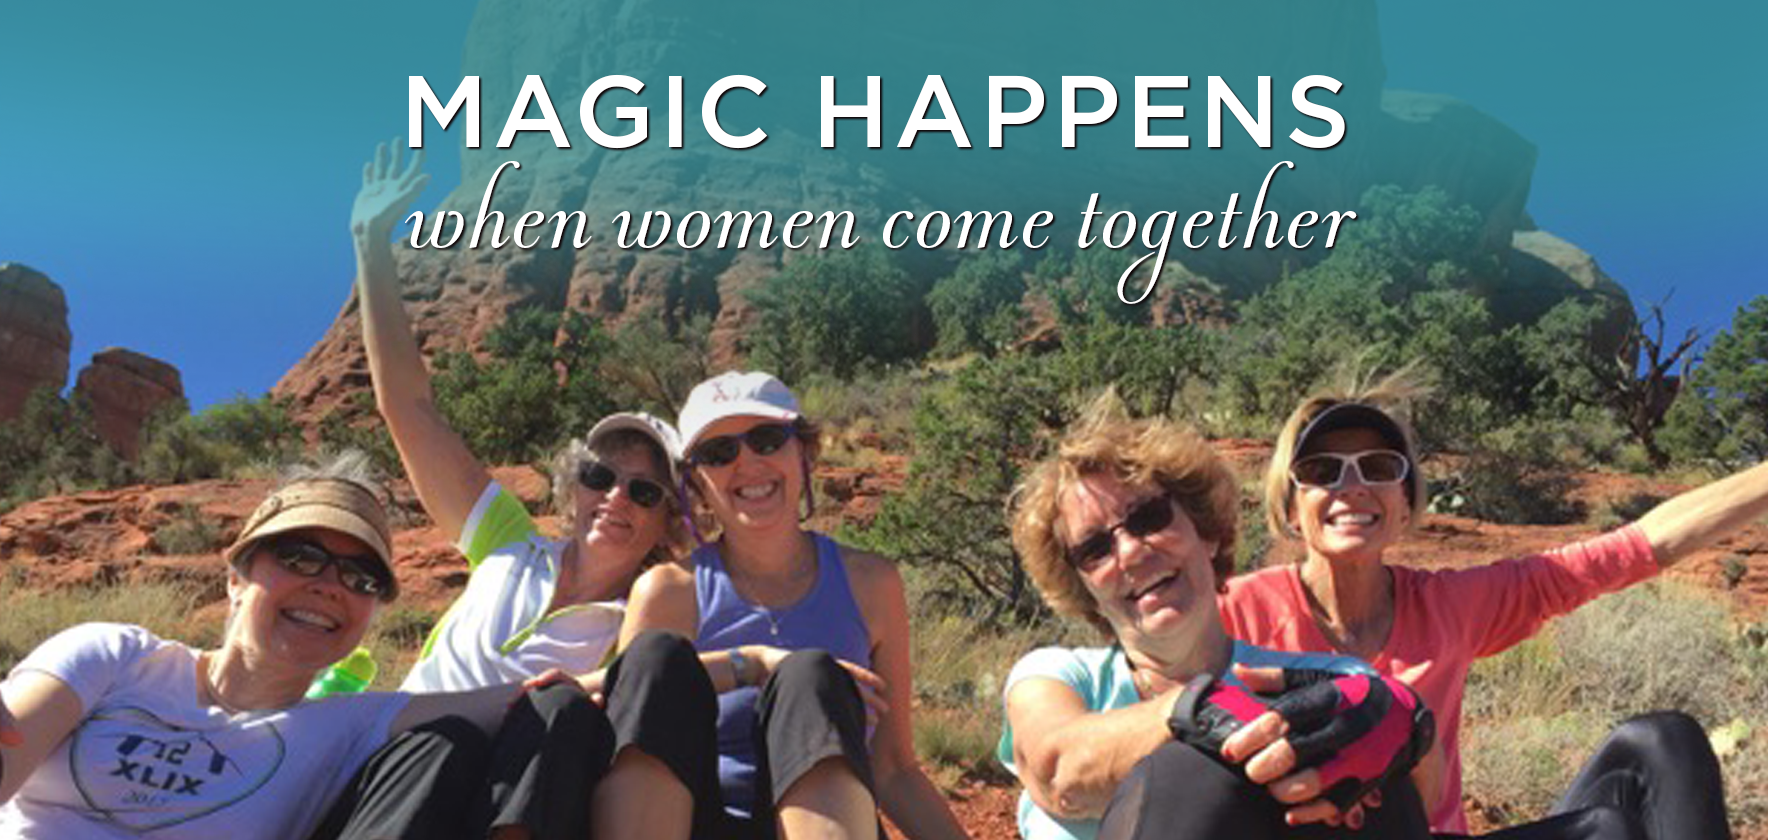 magichappens_new.png